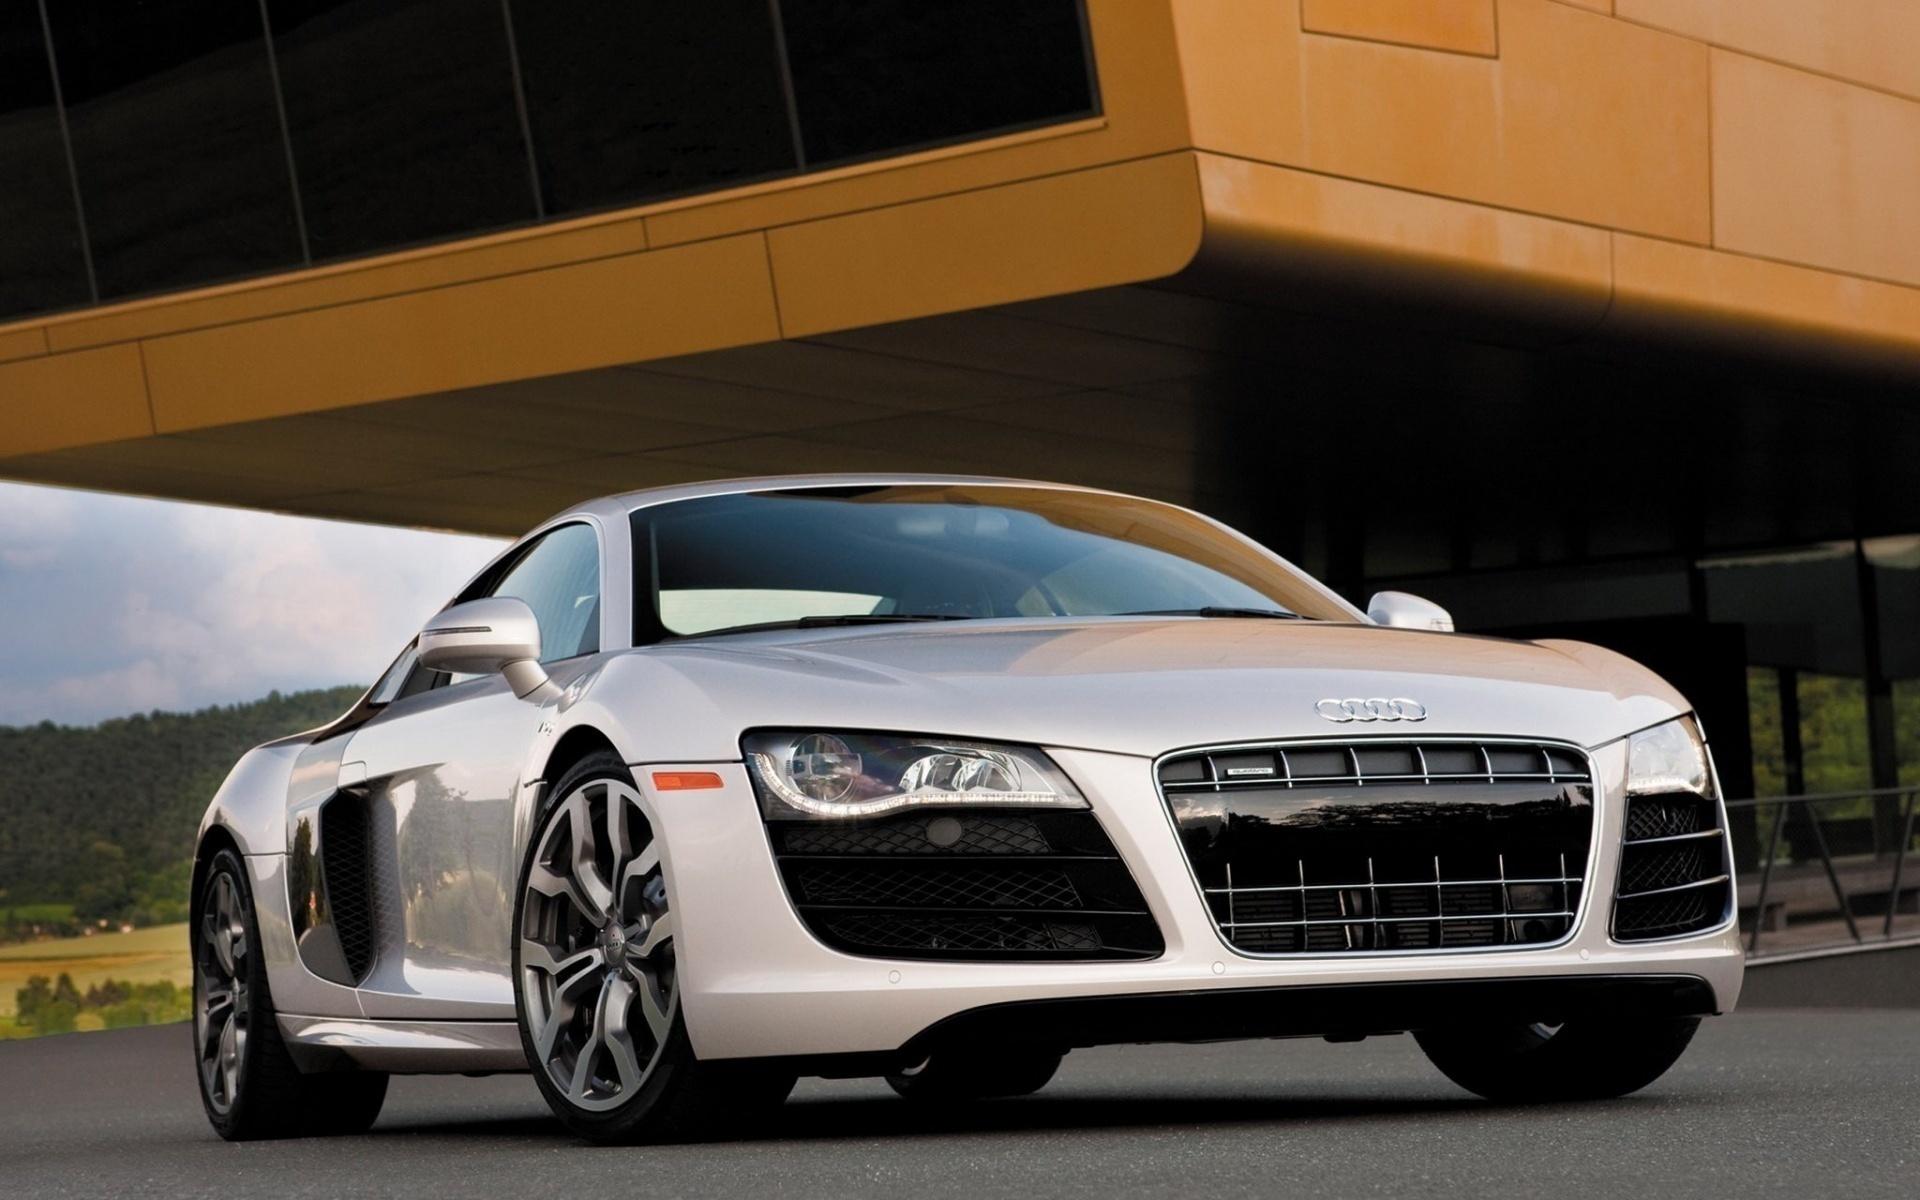 49921 скачать обои Транспорт, Машины, Ауди (Audi) - заставки и картинки бесплатно